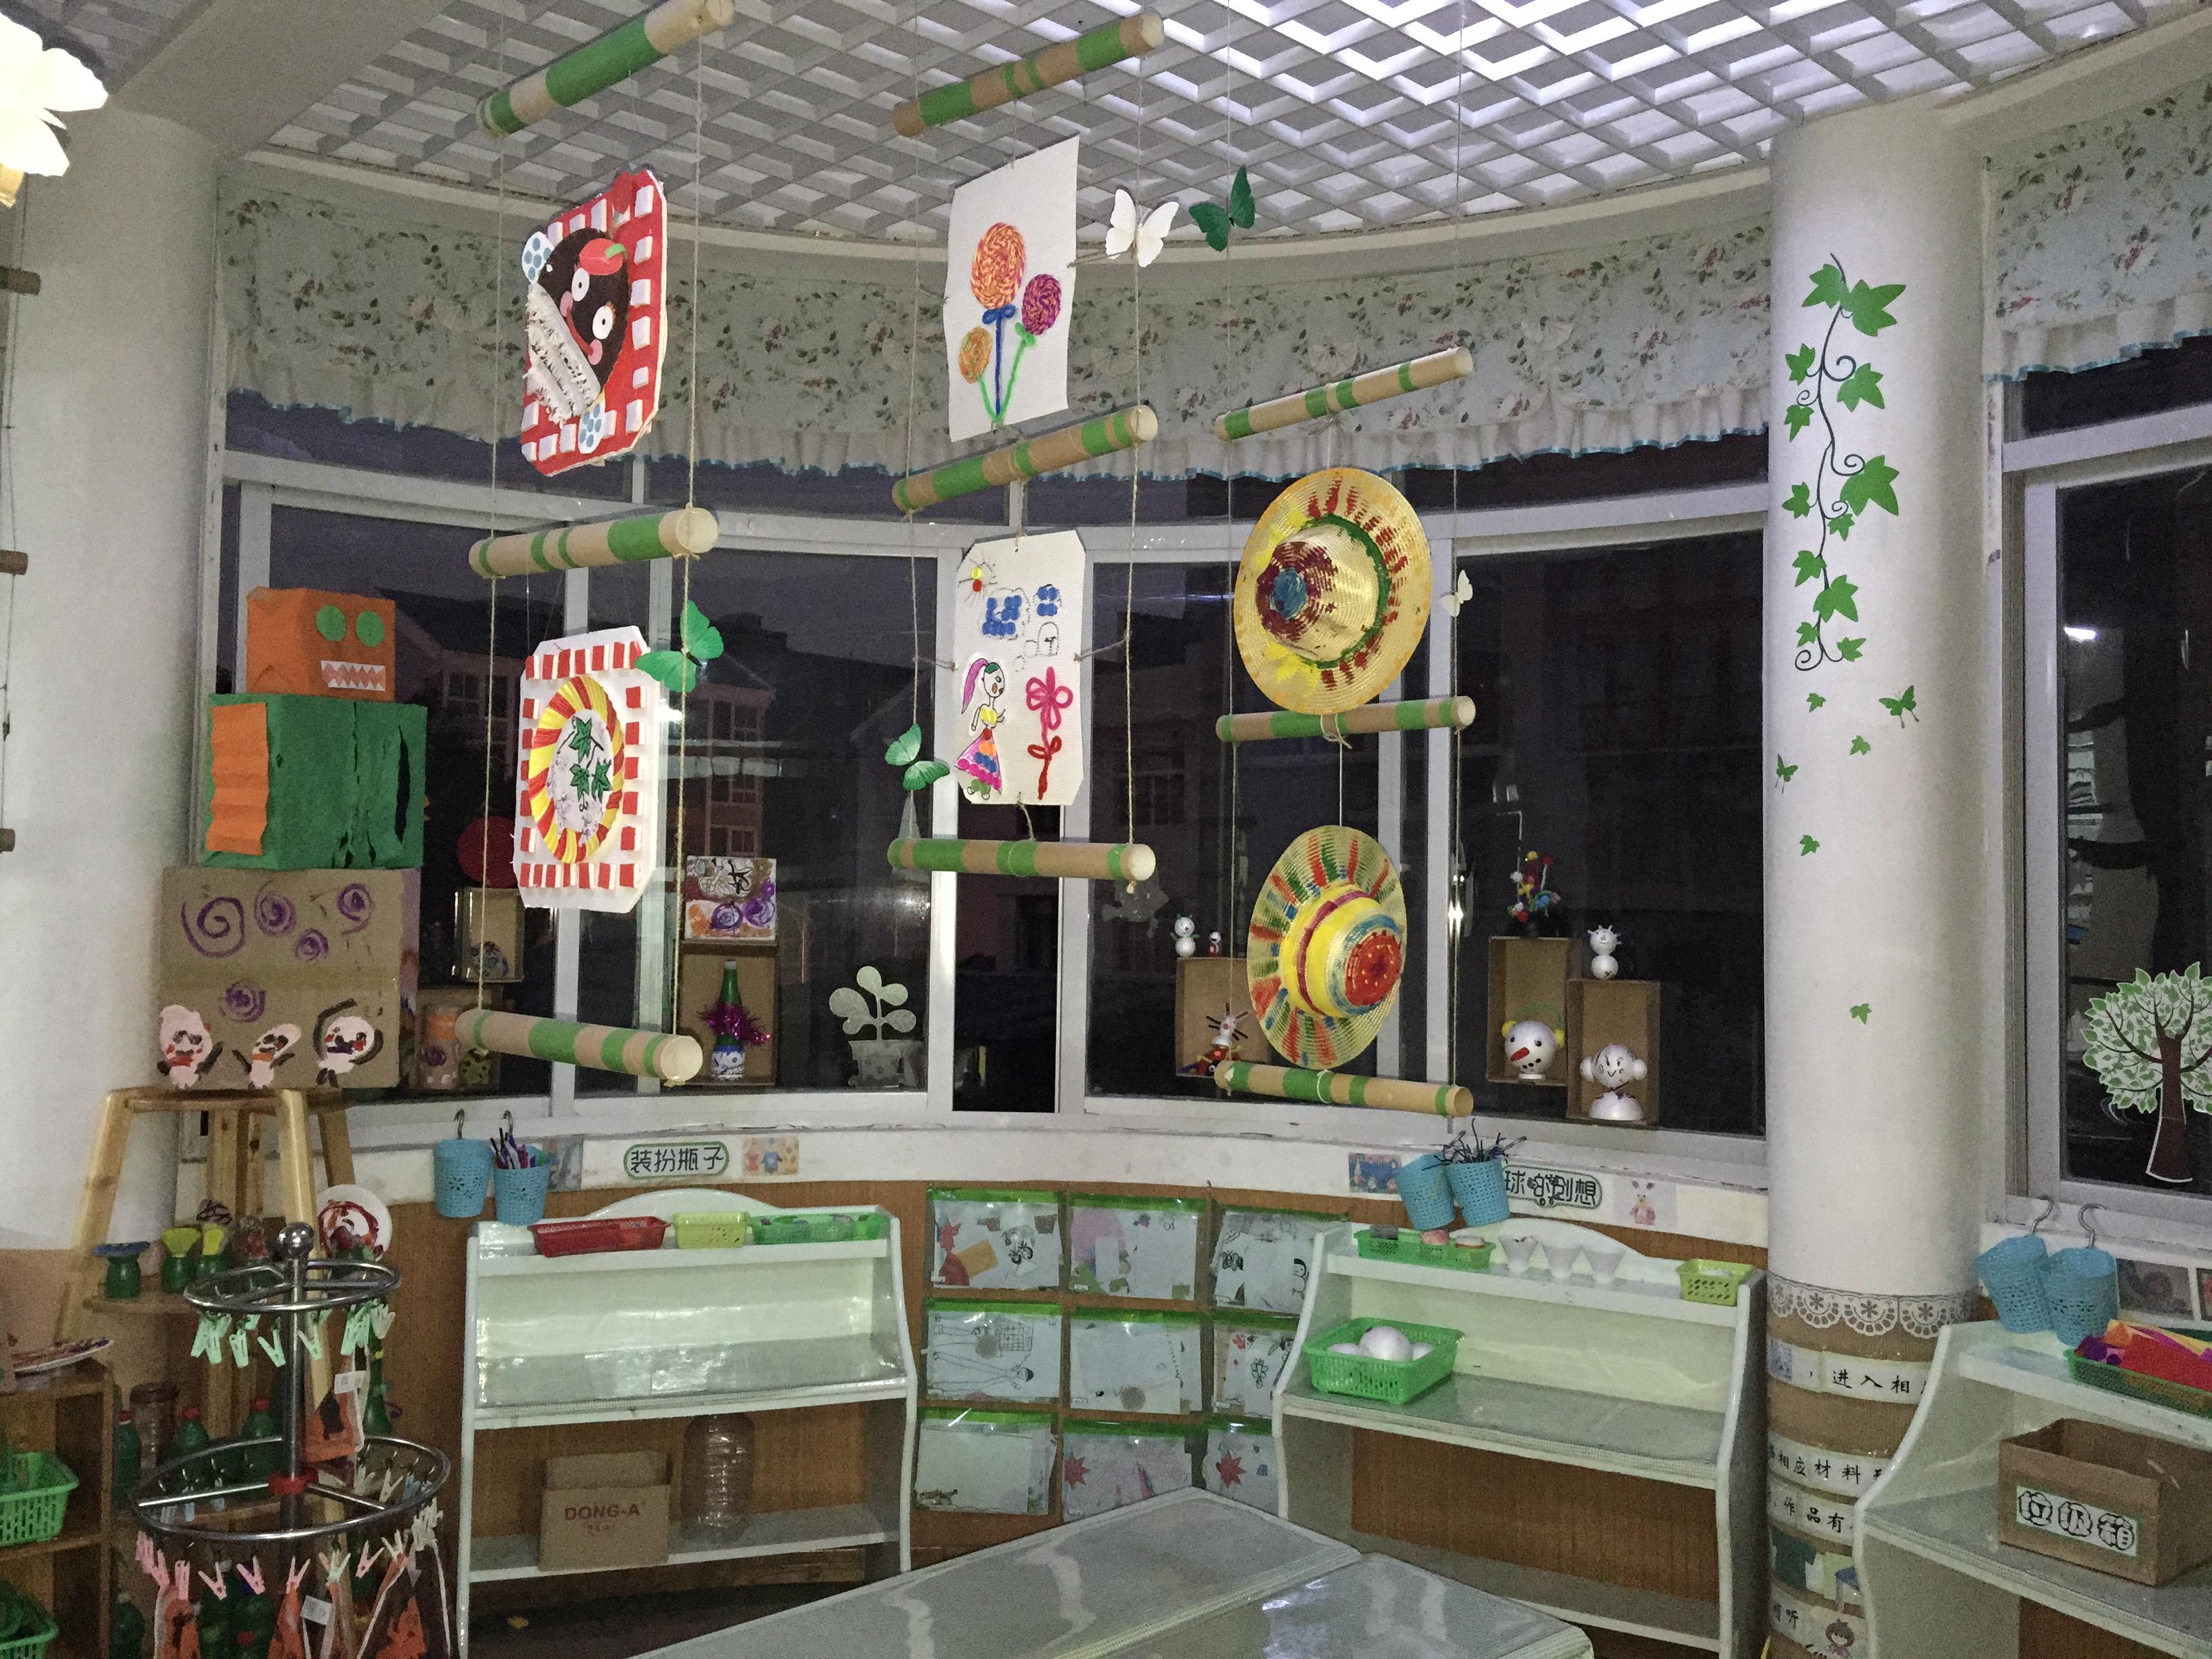 瑞安市机关幼儿园 园所概况 园所照片之班级活动室